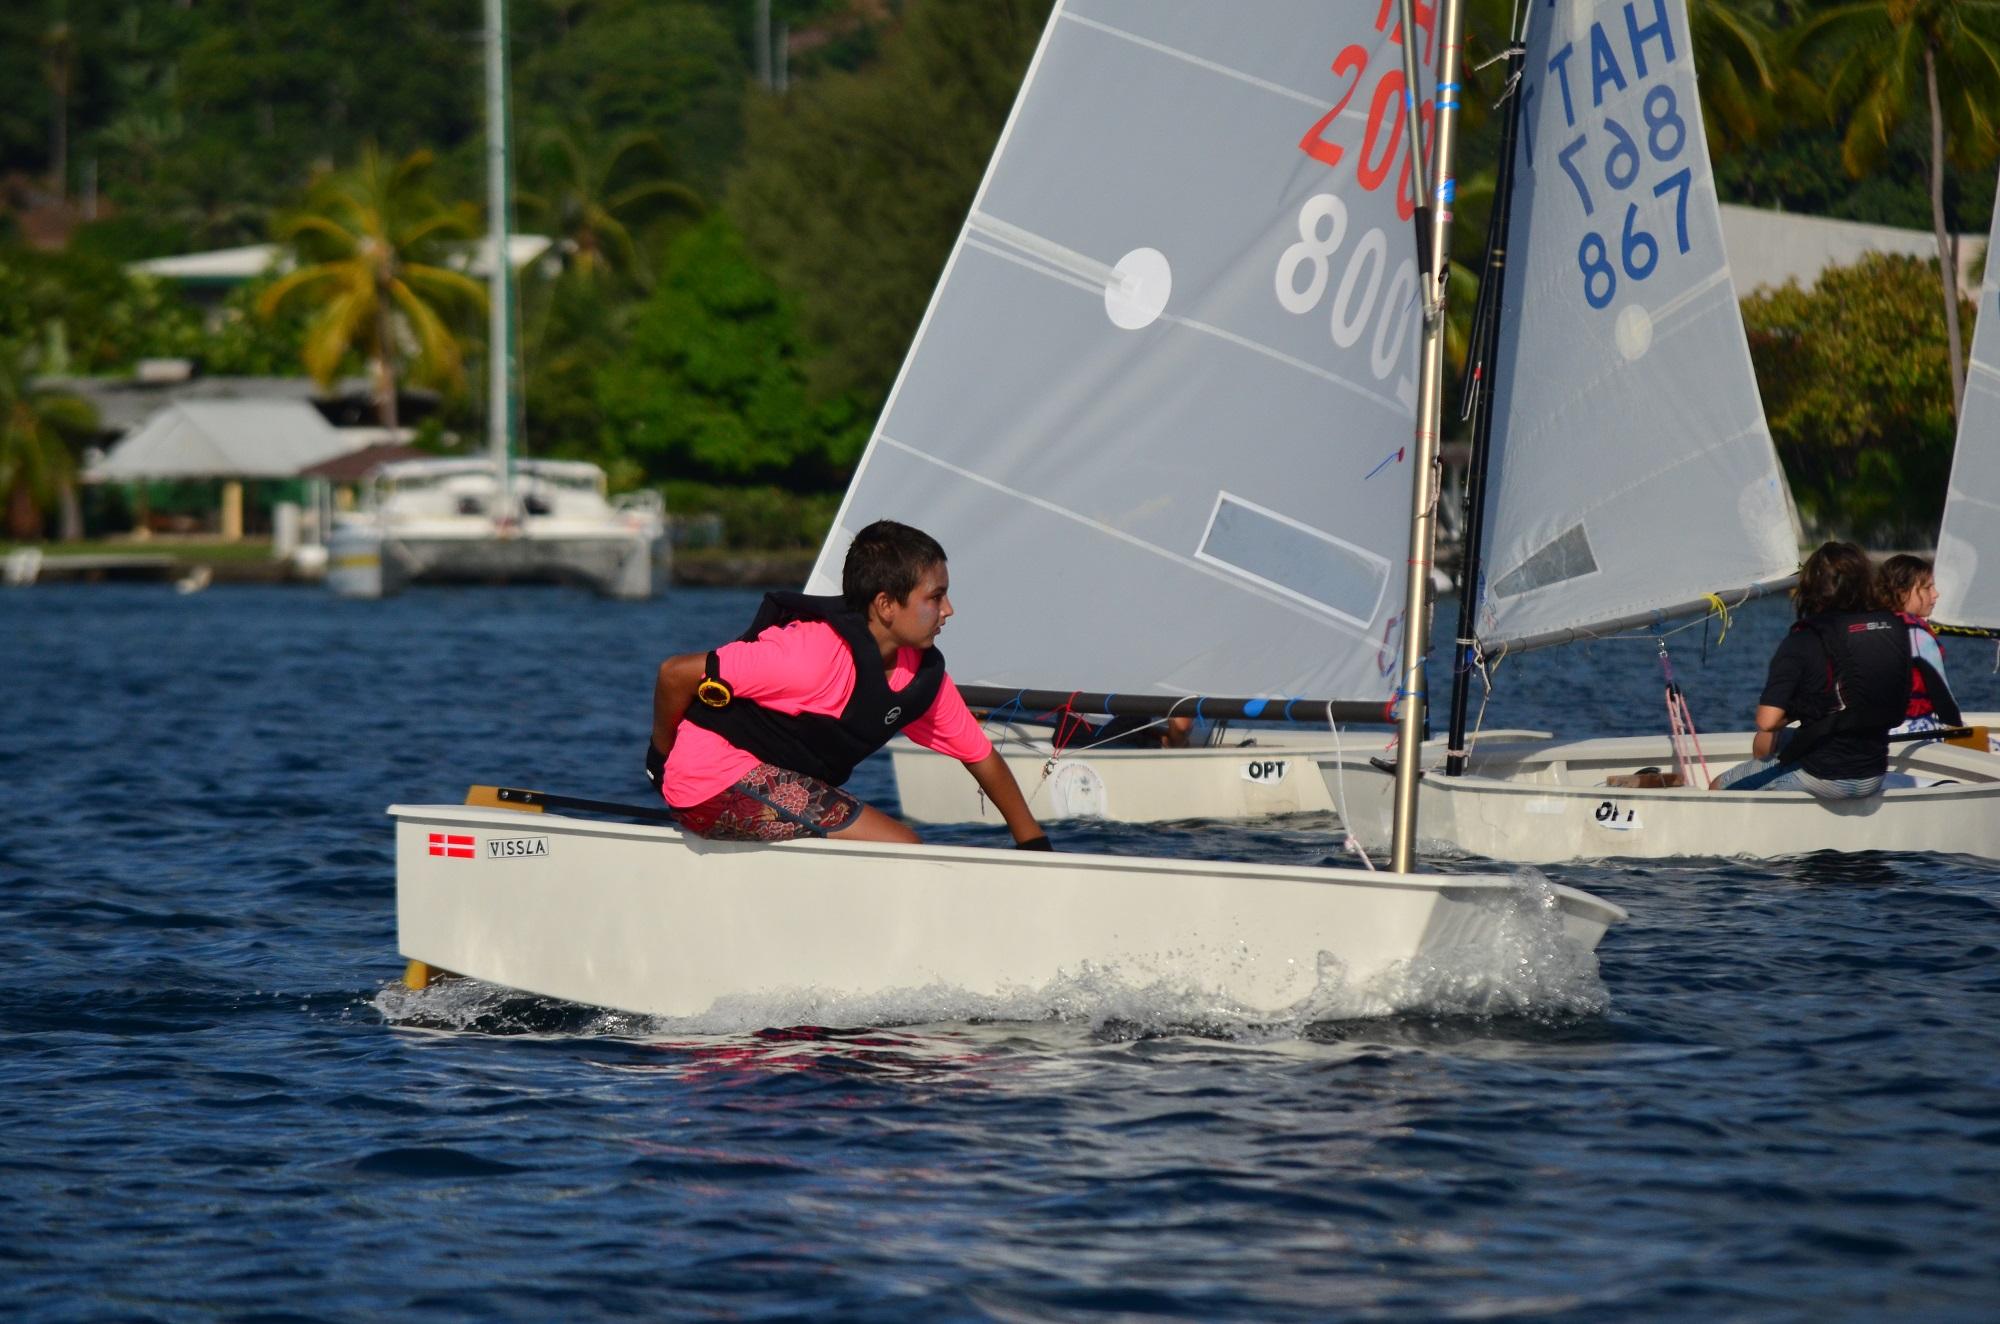 : Elohim Bouregba Vitrac, le champion de Polynésie, en action sur son Optimist. (Photo : Benjamin Prioux)